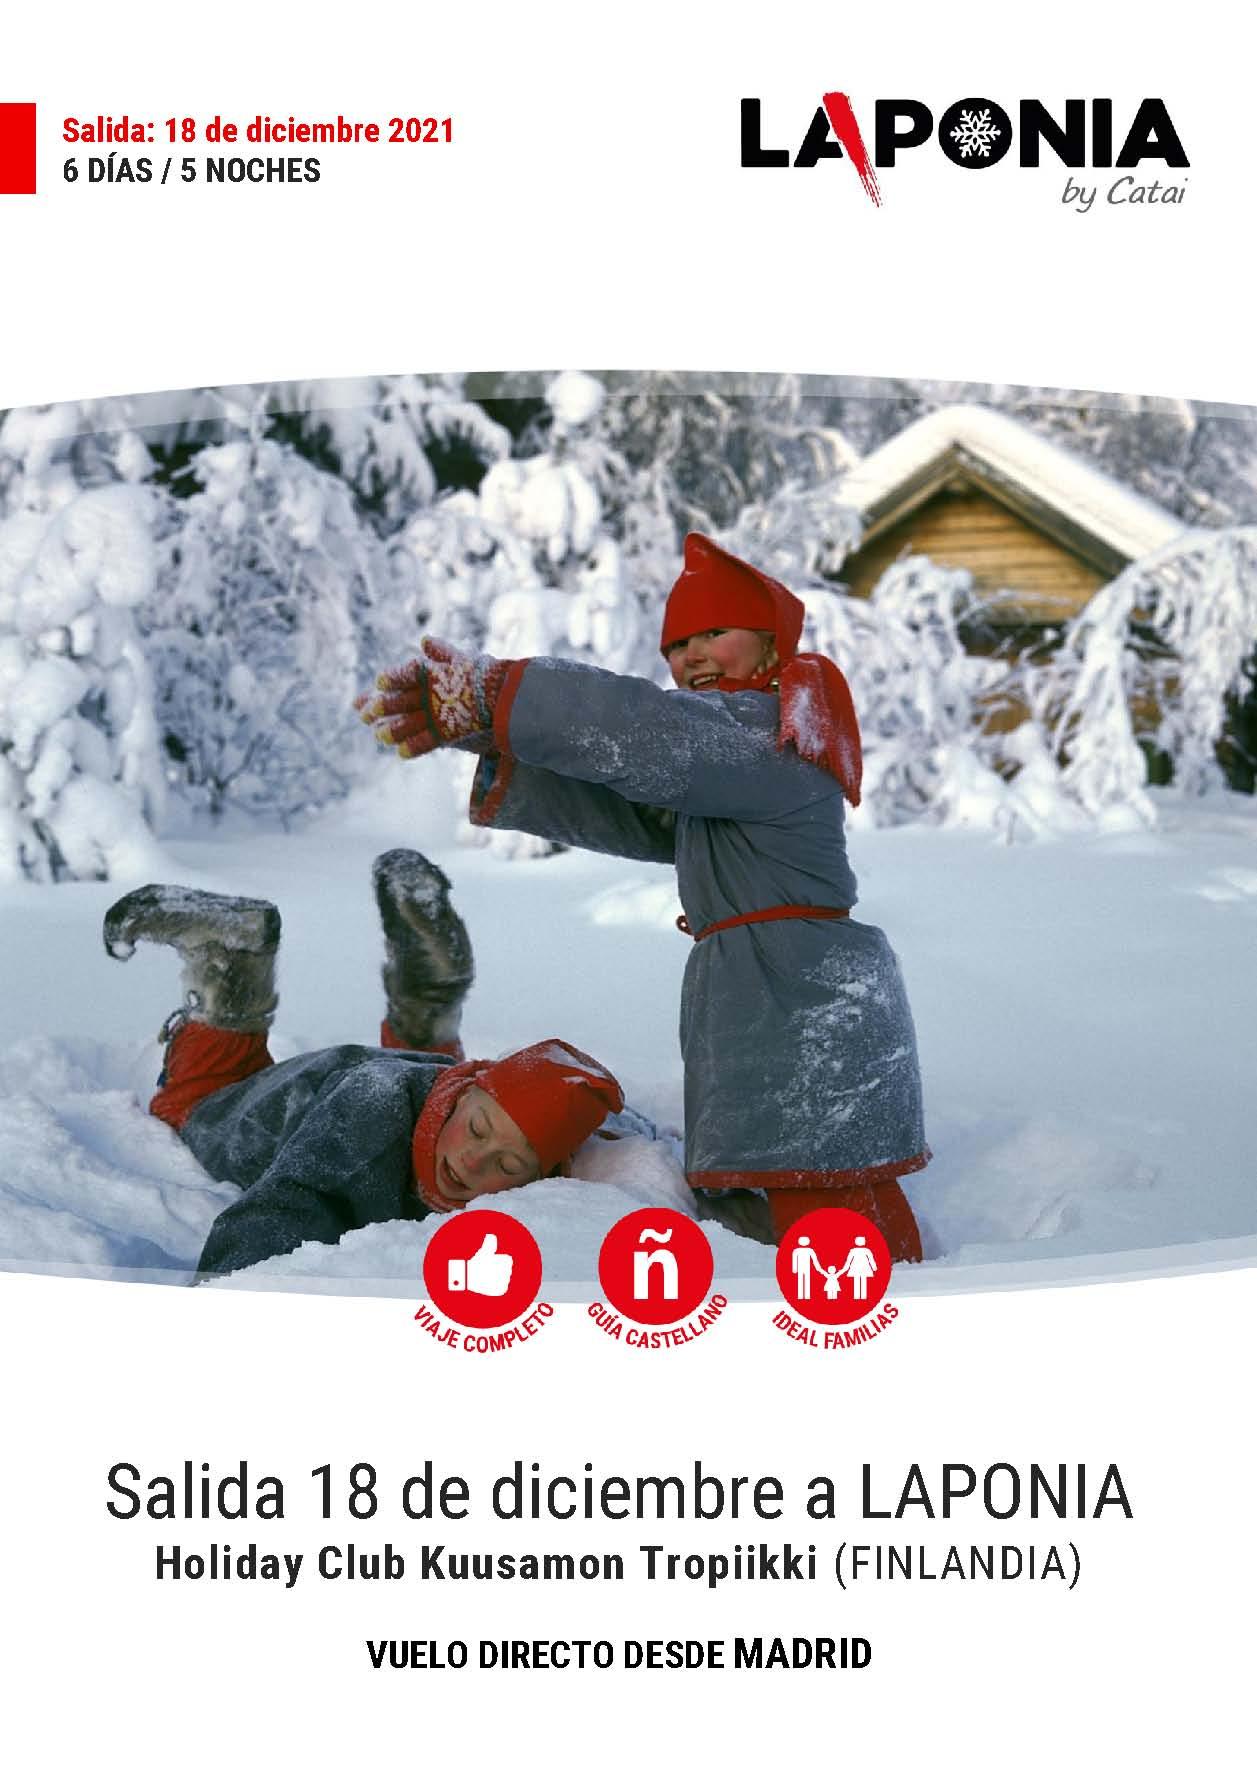 P Oferta Catai Diciembre Pre-Navidad 2021 en Kuusamo Laponia vuelo directo desde Madrid